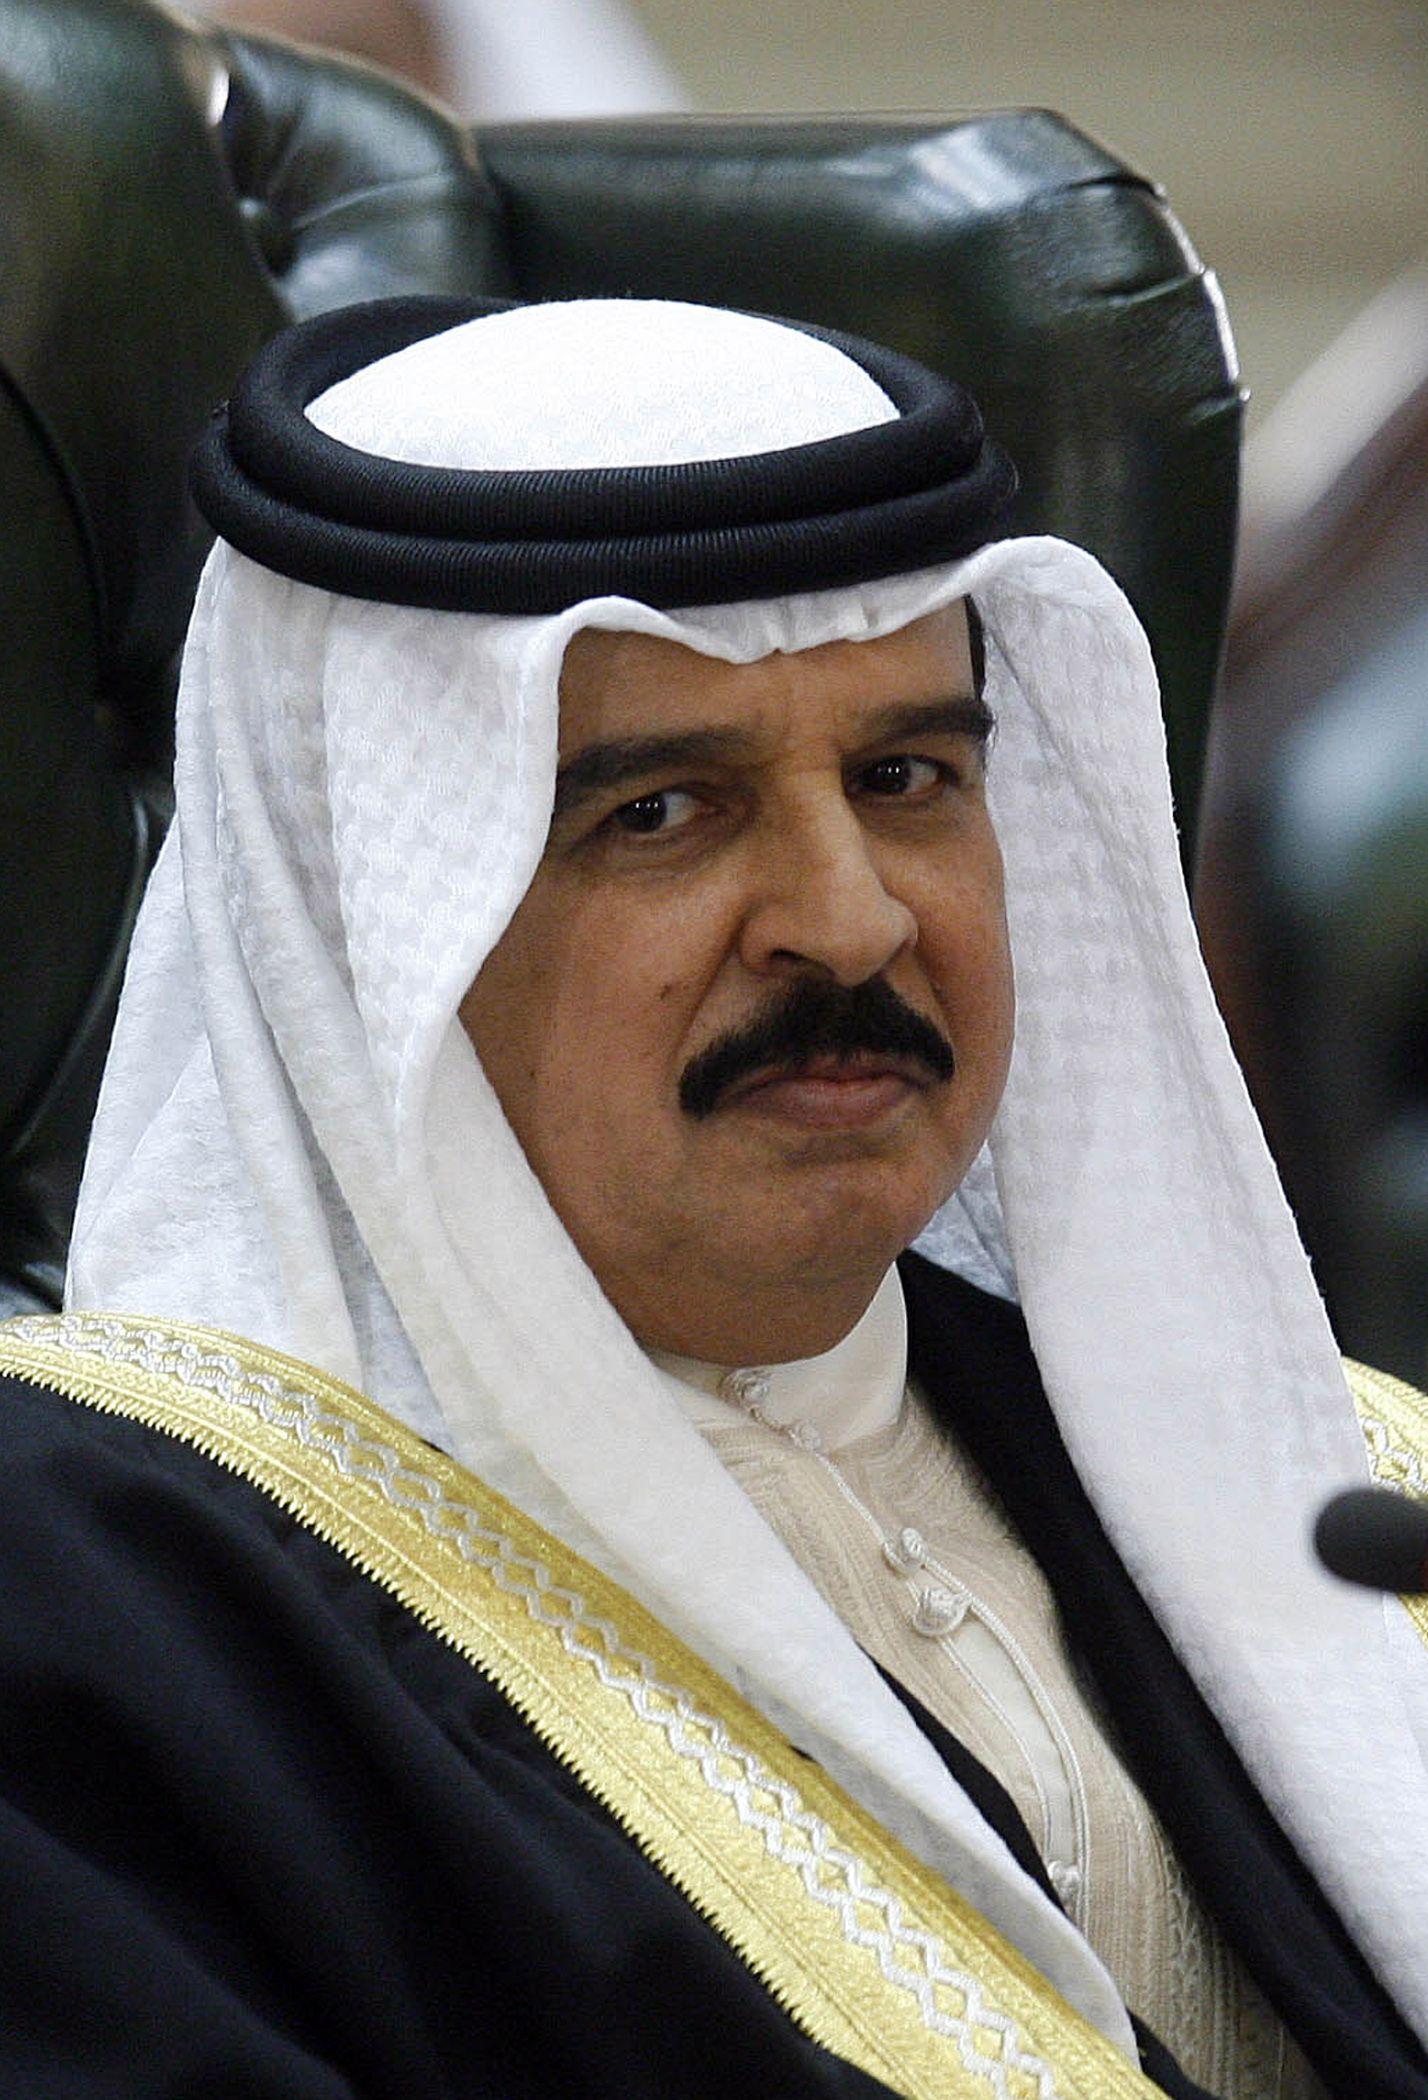 FILES-BAHRAIN-POLITICS-UNREST-KING